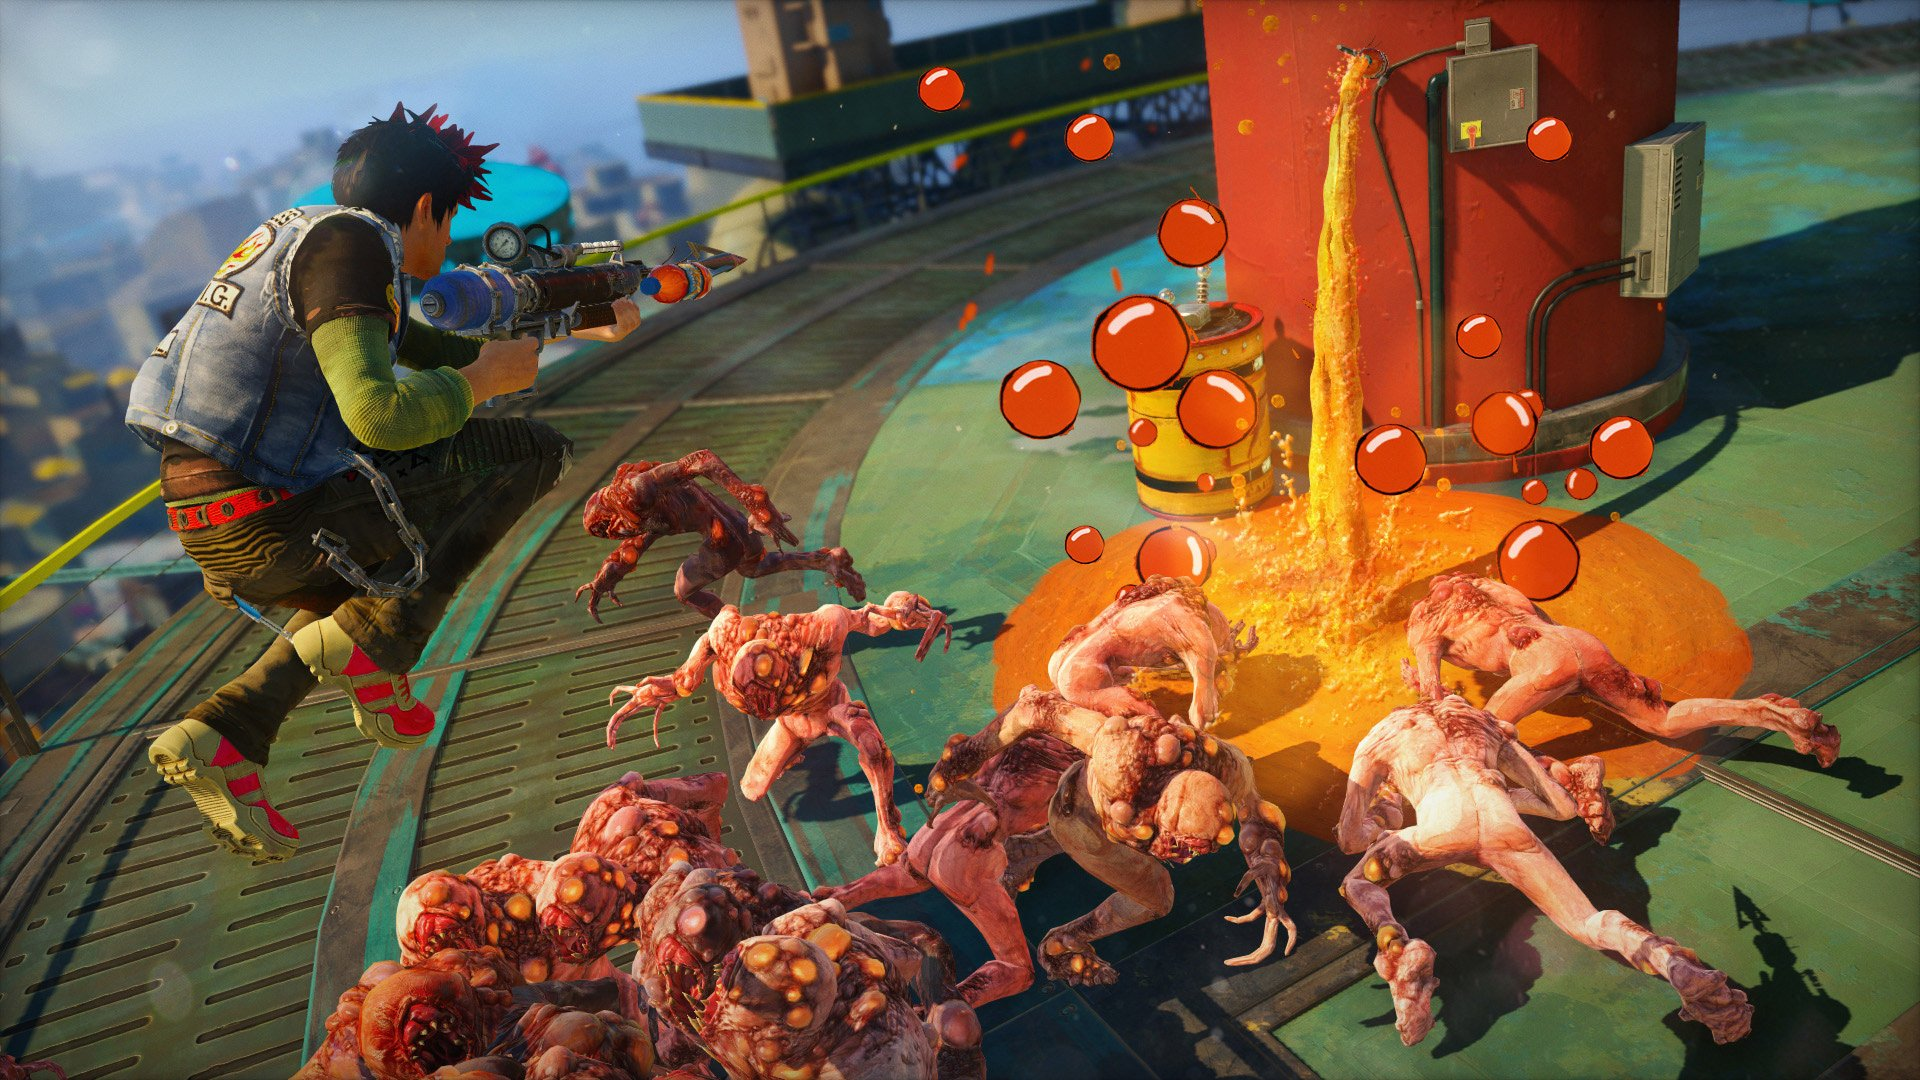 Veja a abertura de Sunset Overdrive, exclusivo do Xbox One D3b04dba-972a-4f0d-a67b-8b1adc8958d4